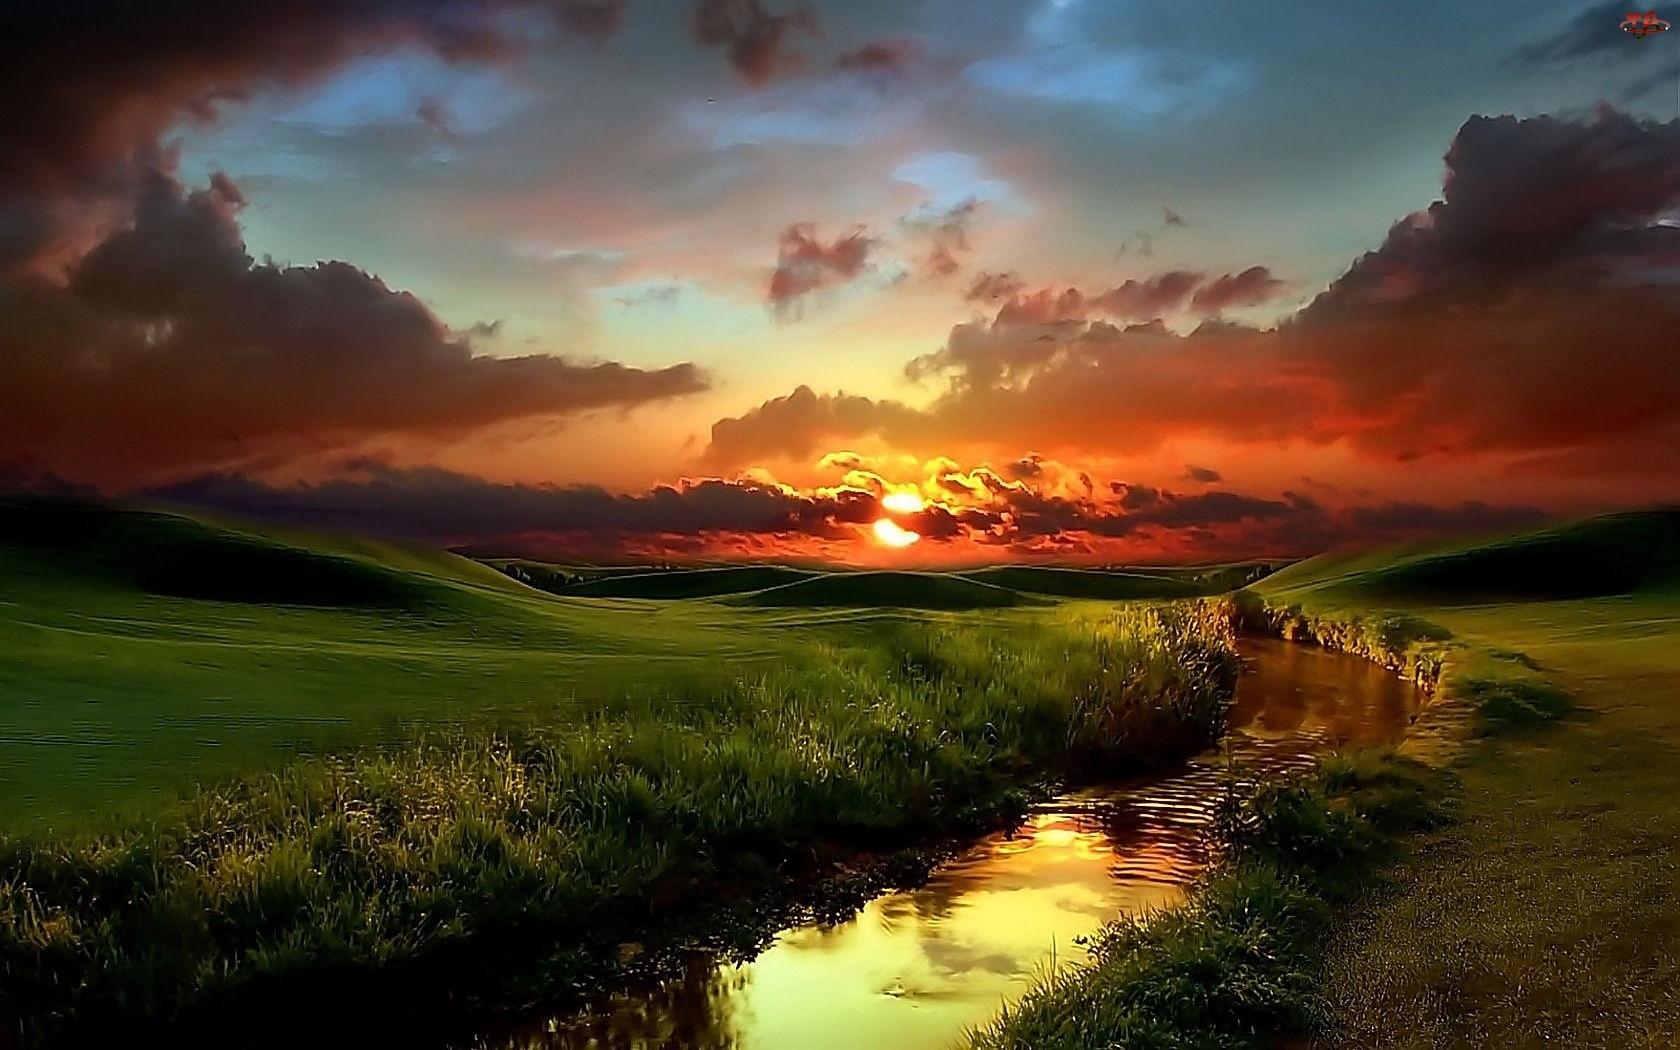 Krajobraz, Słońca, Strumyk, Zachód